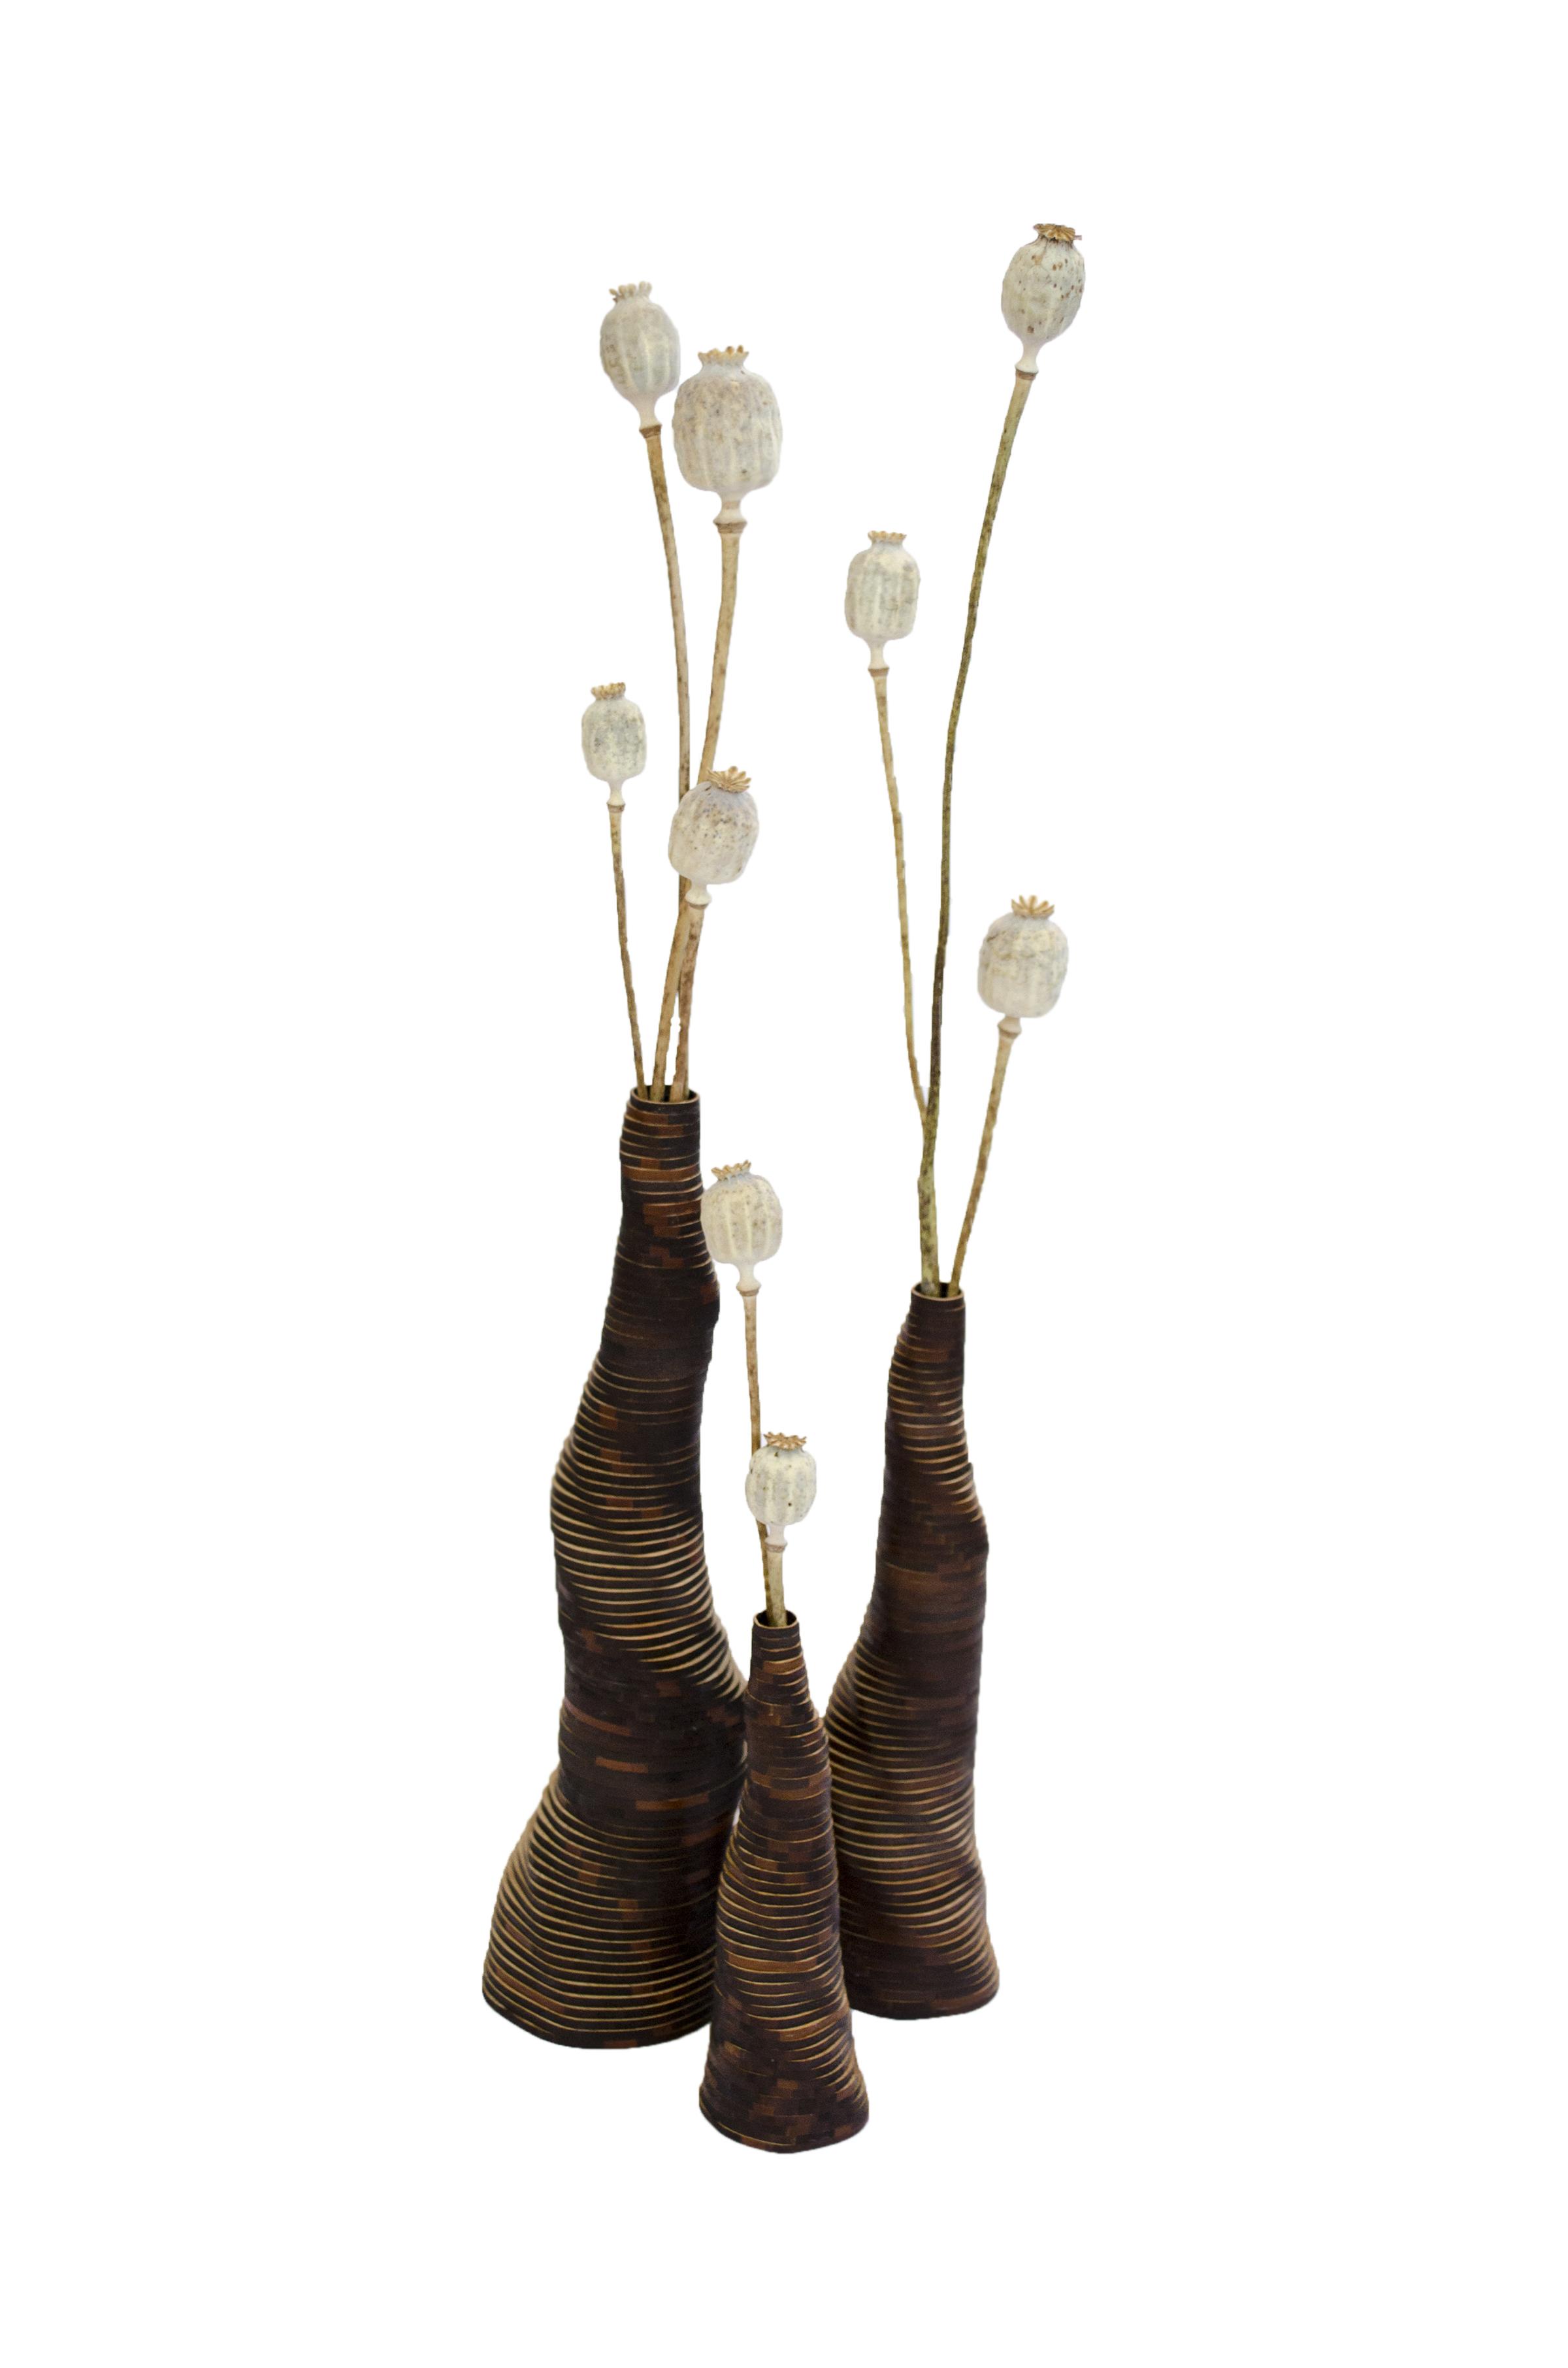 - Stratum Tempus - catalogueStratum QuercusBeetlestoolCoatrack n°162